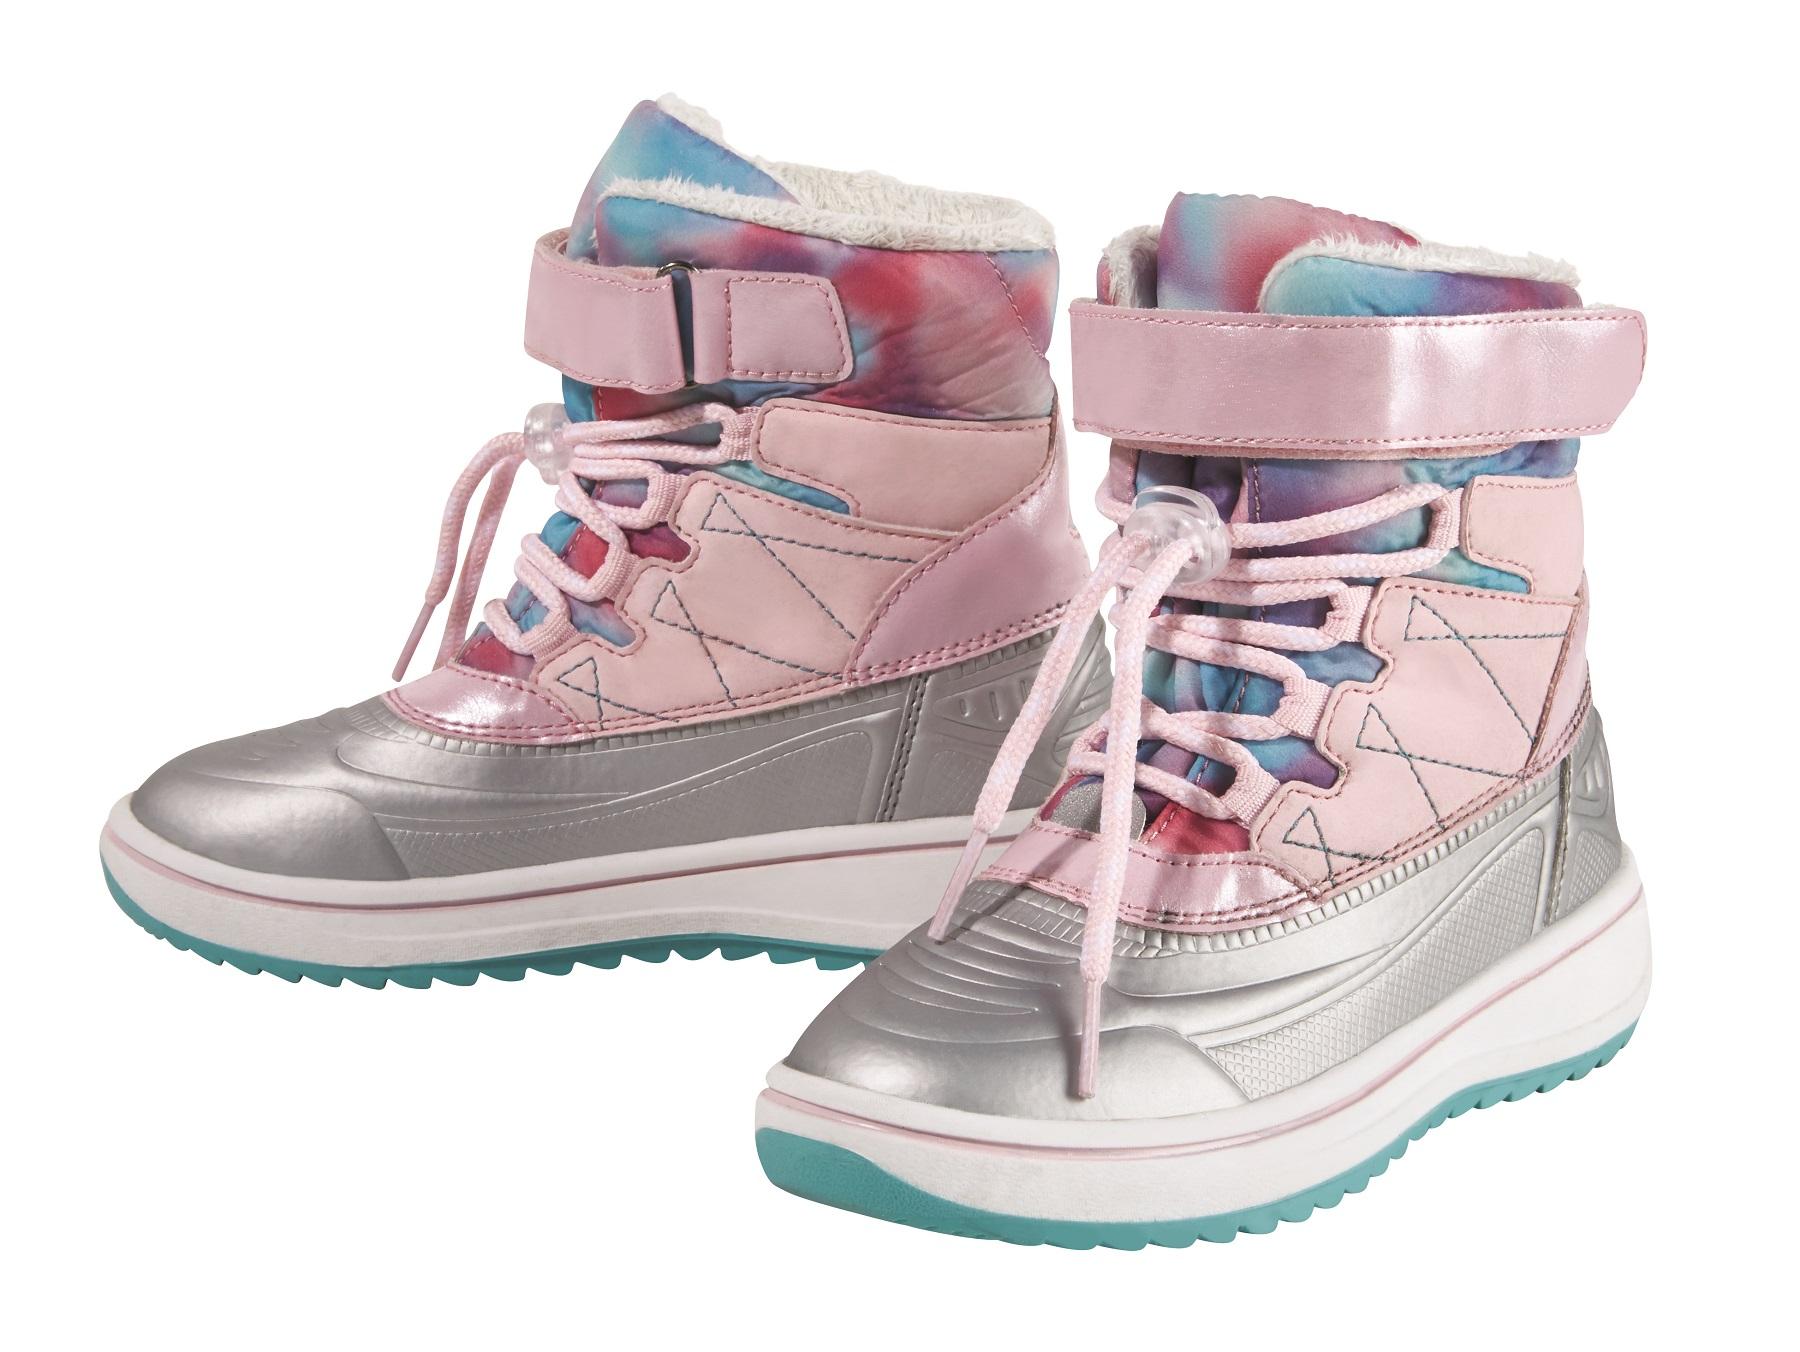 Girls - Kids' Winter Boots £9.99 (1).JPG